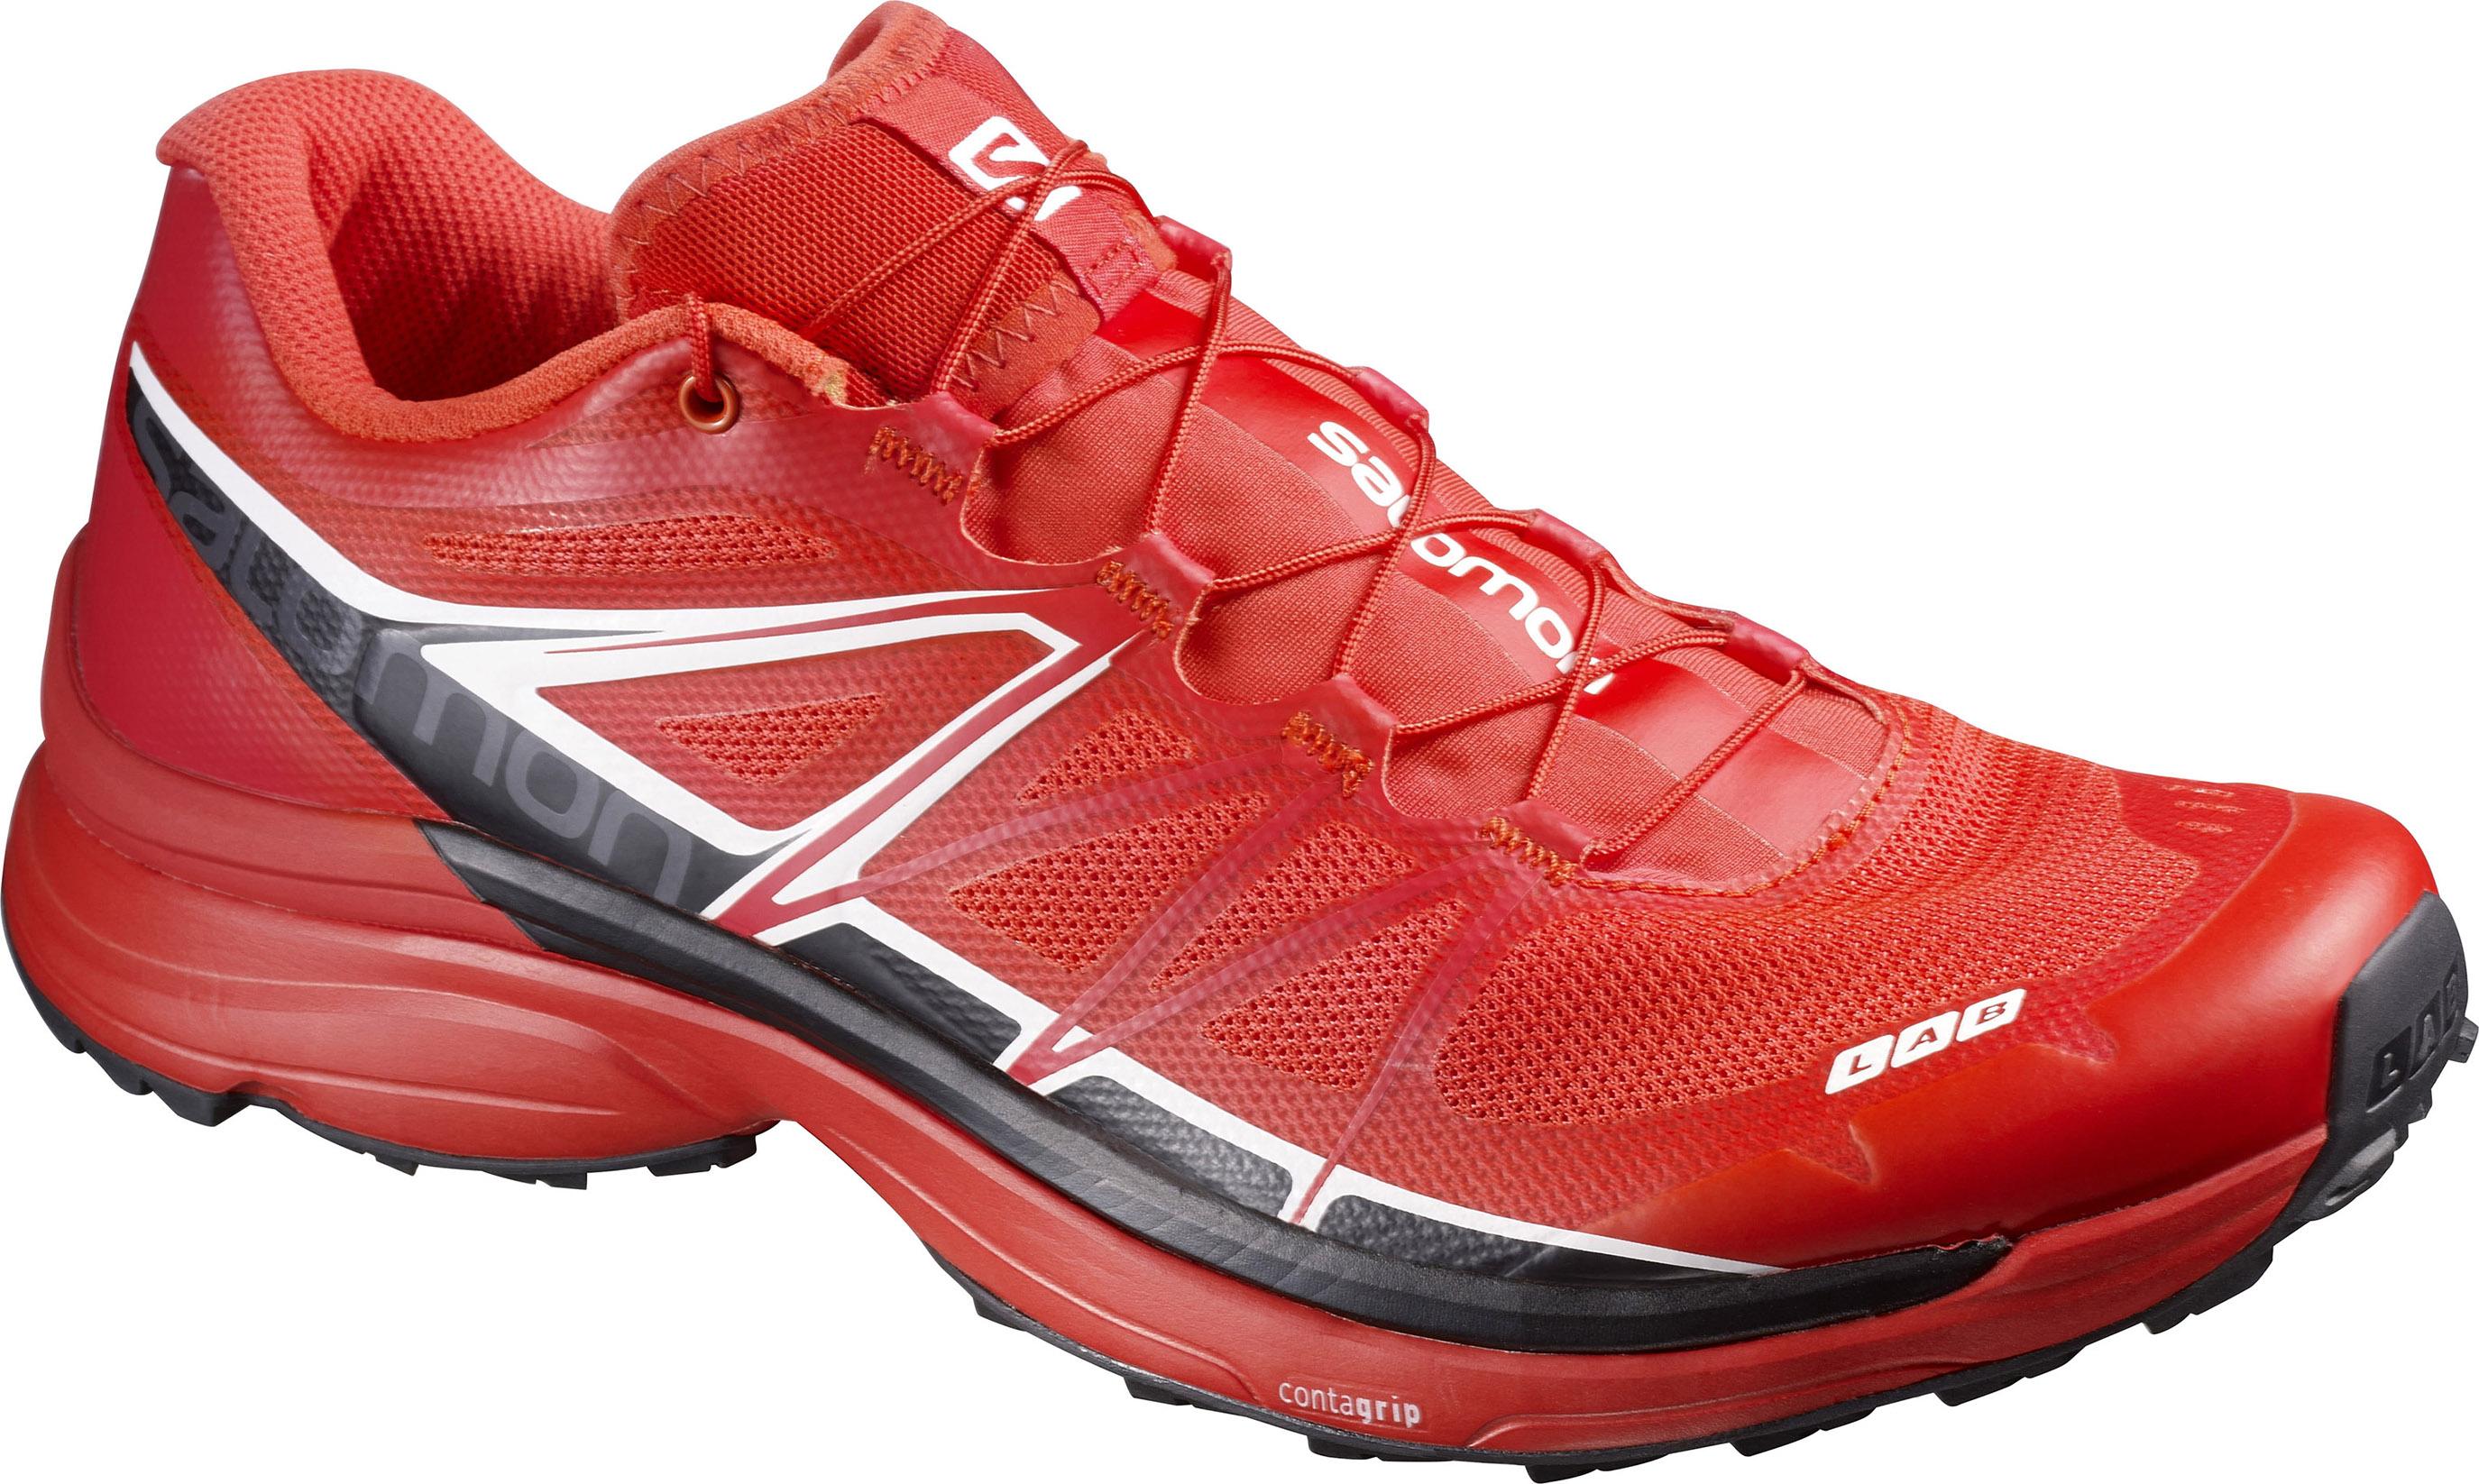 Купить Беговые кроссовки для XC SALOMON 2016 S-LAB WINGS RACING RED/BK/WH Кроссовки бега 1247039